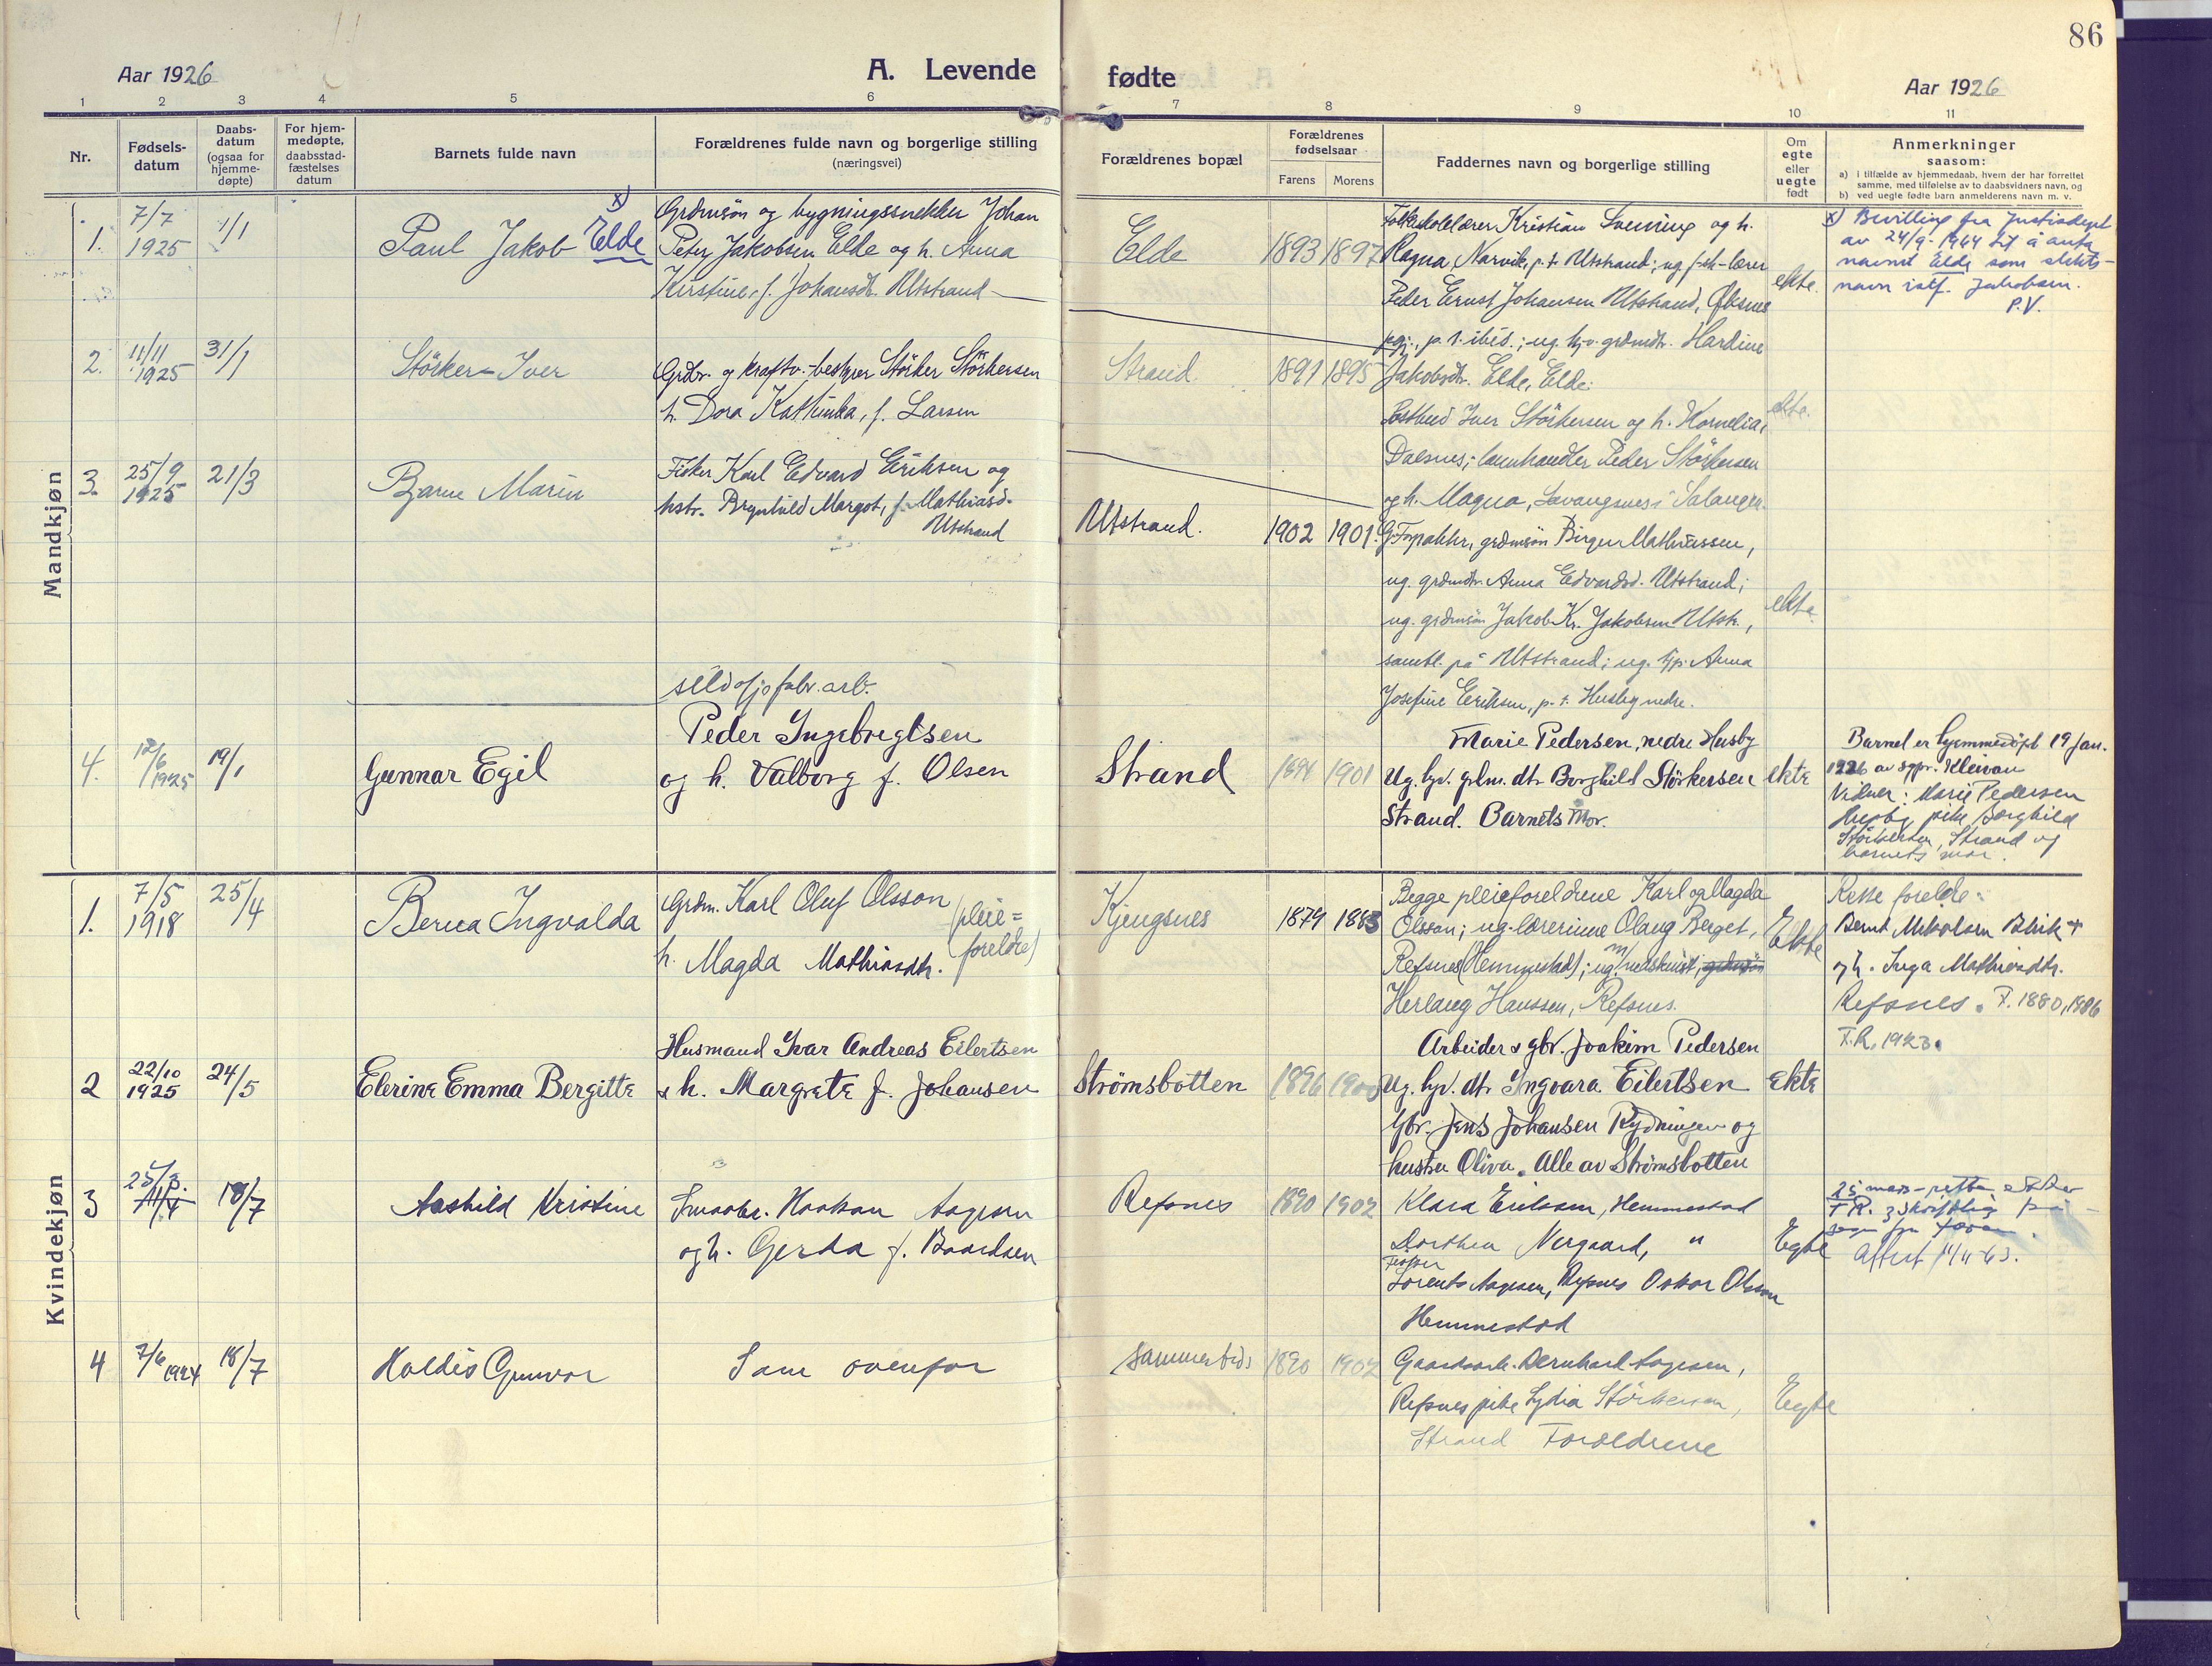 SATØ, Kvæfjord sokneprestkontor, G/Ga/Gaa/L0007kirke: Ministerialbok nr. 7, 1915-1931, s. 86